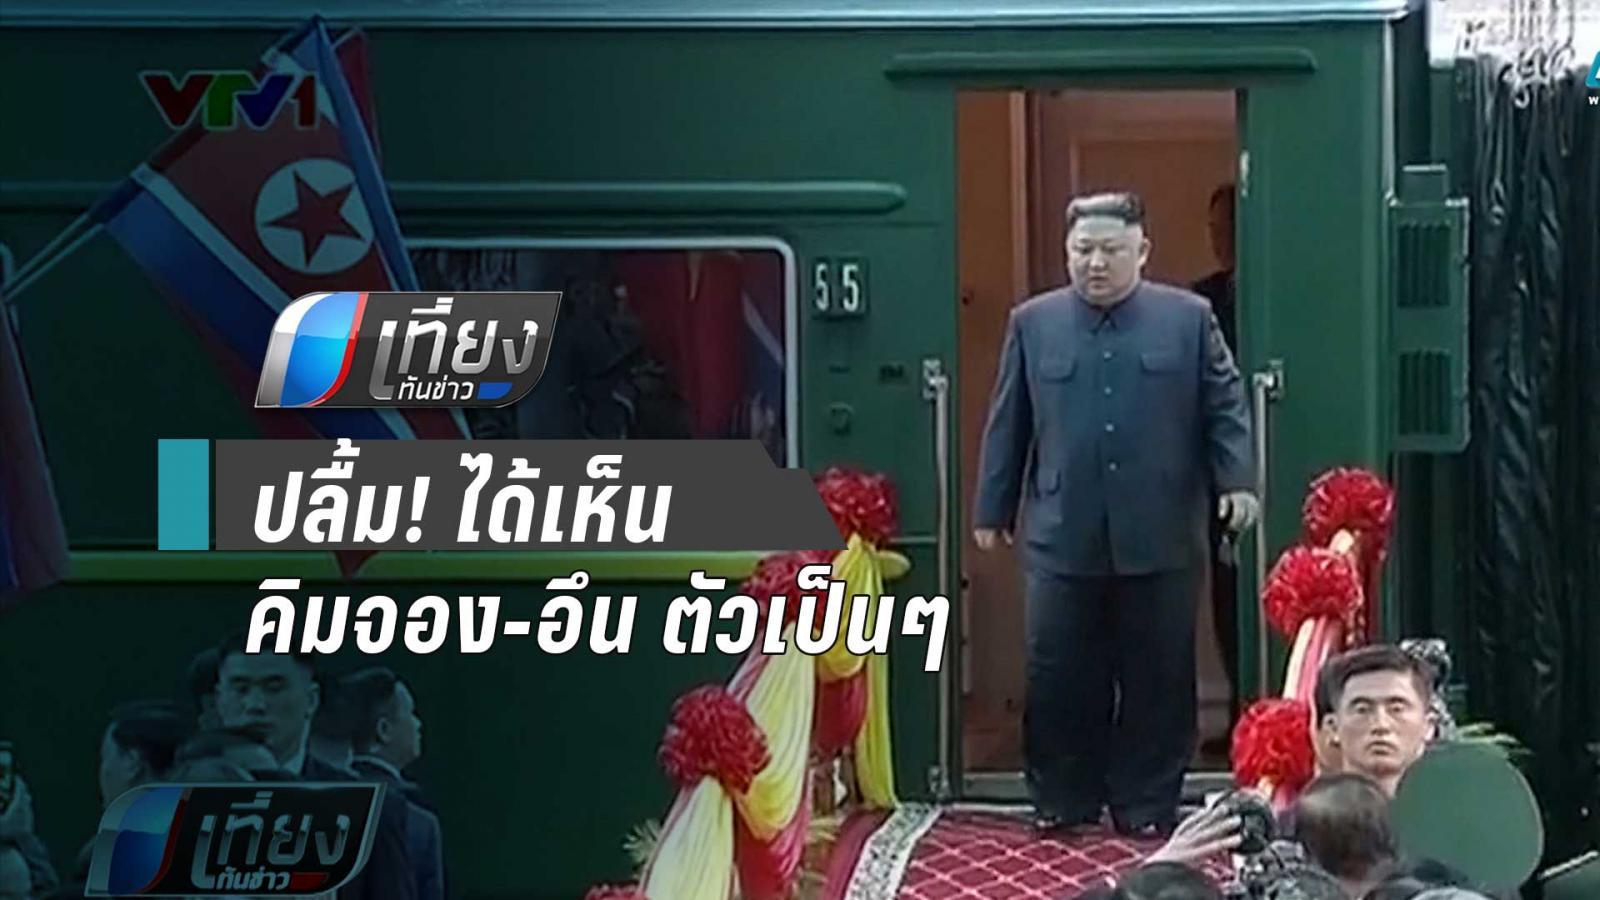 """ชาวเวียดนามปลื้มได้เห็น """"คิม จอง-อึน"""" ตัวเป็นๆ"""